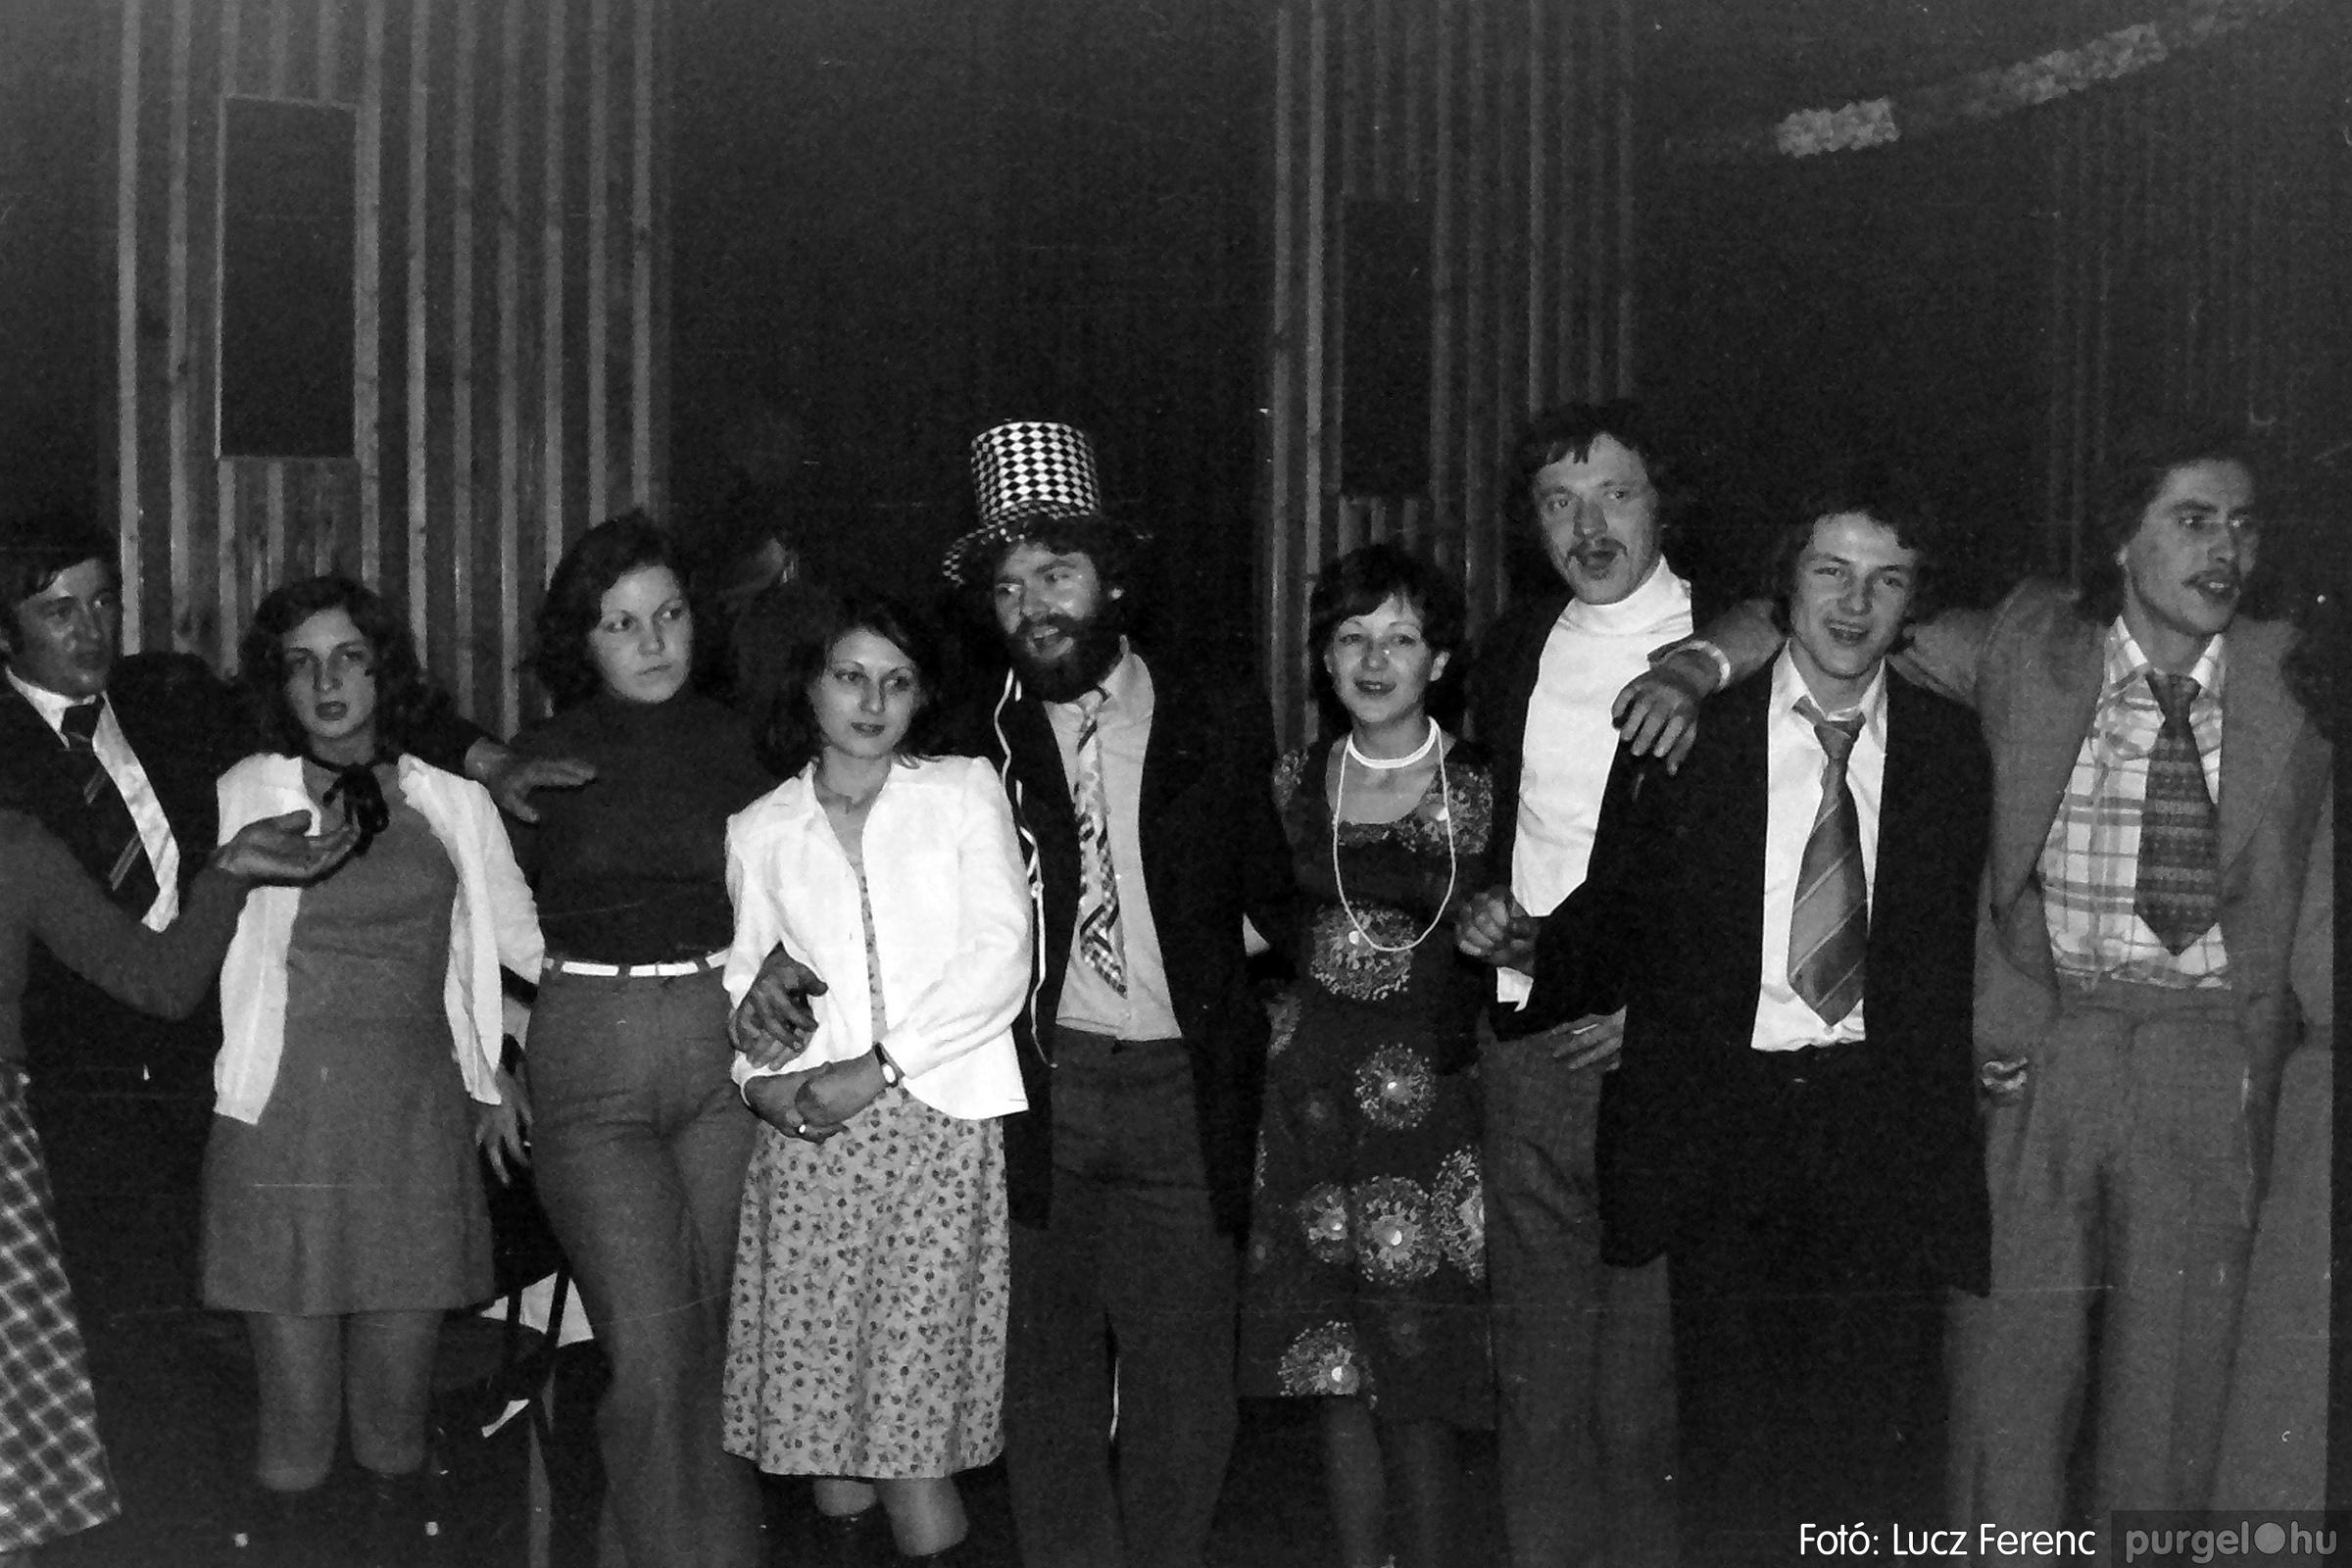 070. 1976.12.31. Szilveszter a kultúrházban 008. - Fotó: Lucz Ferenc.jpg